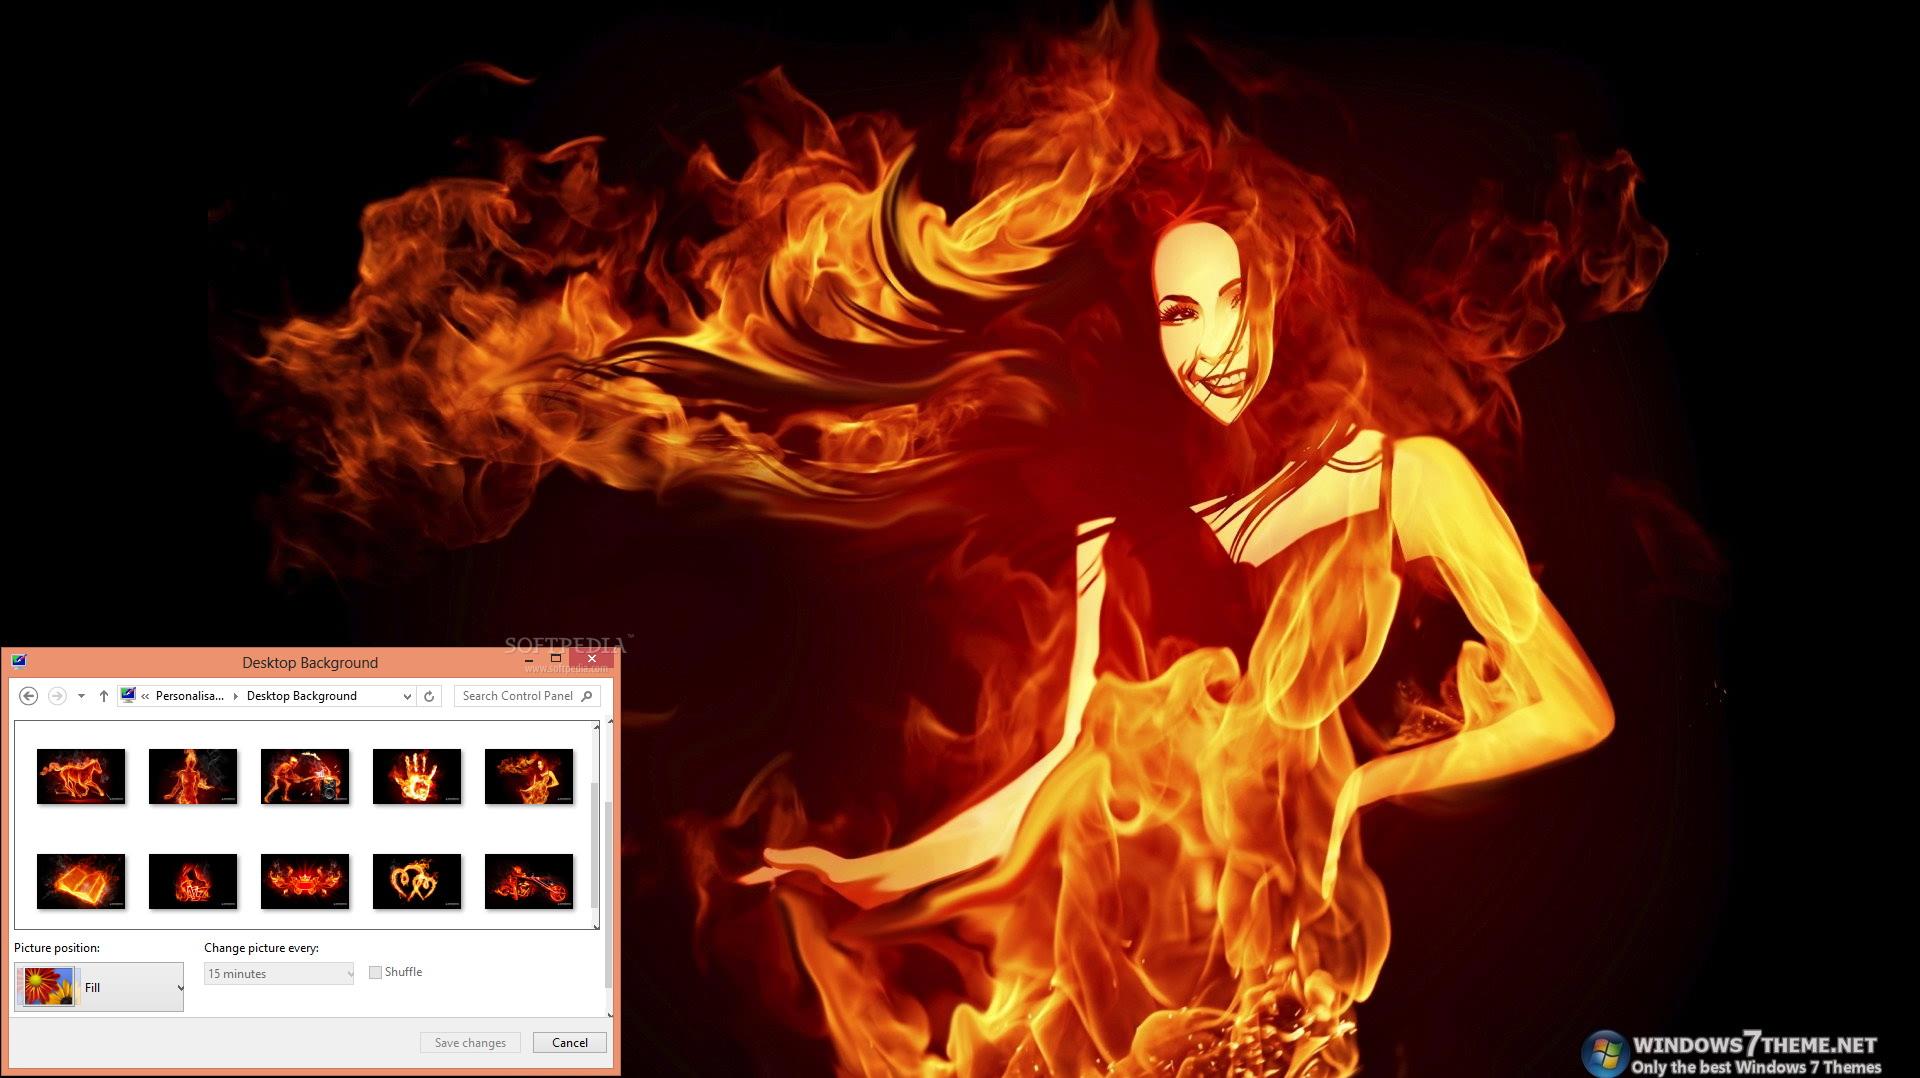 Fiery Art Windows 7 Theme